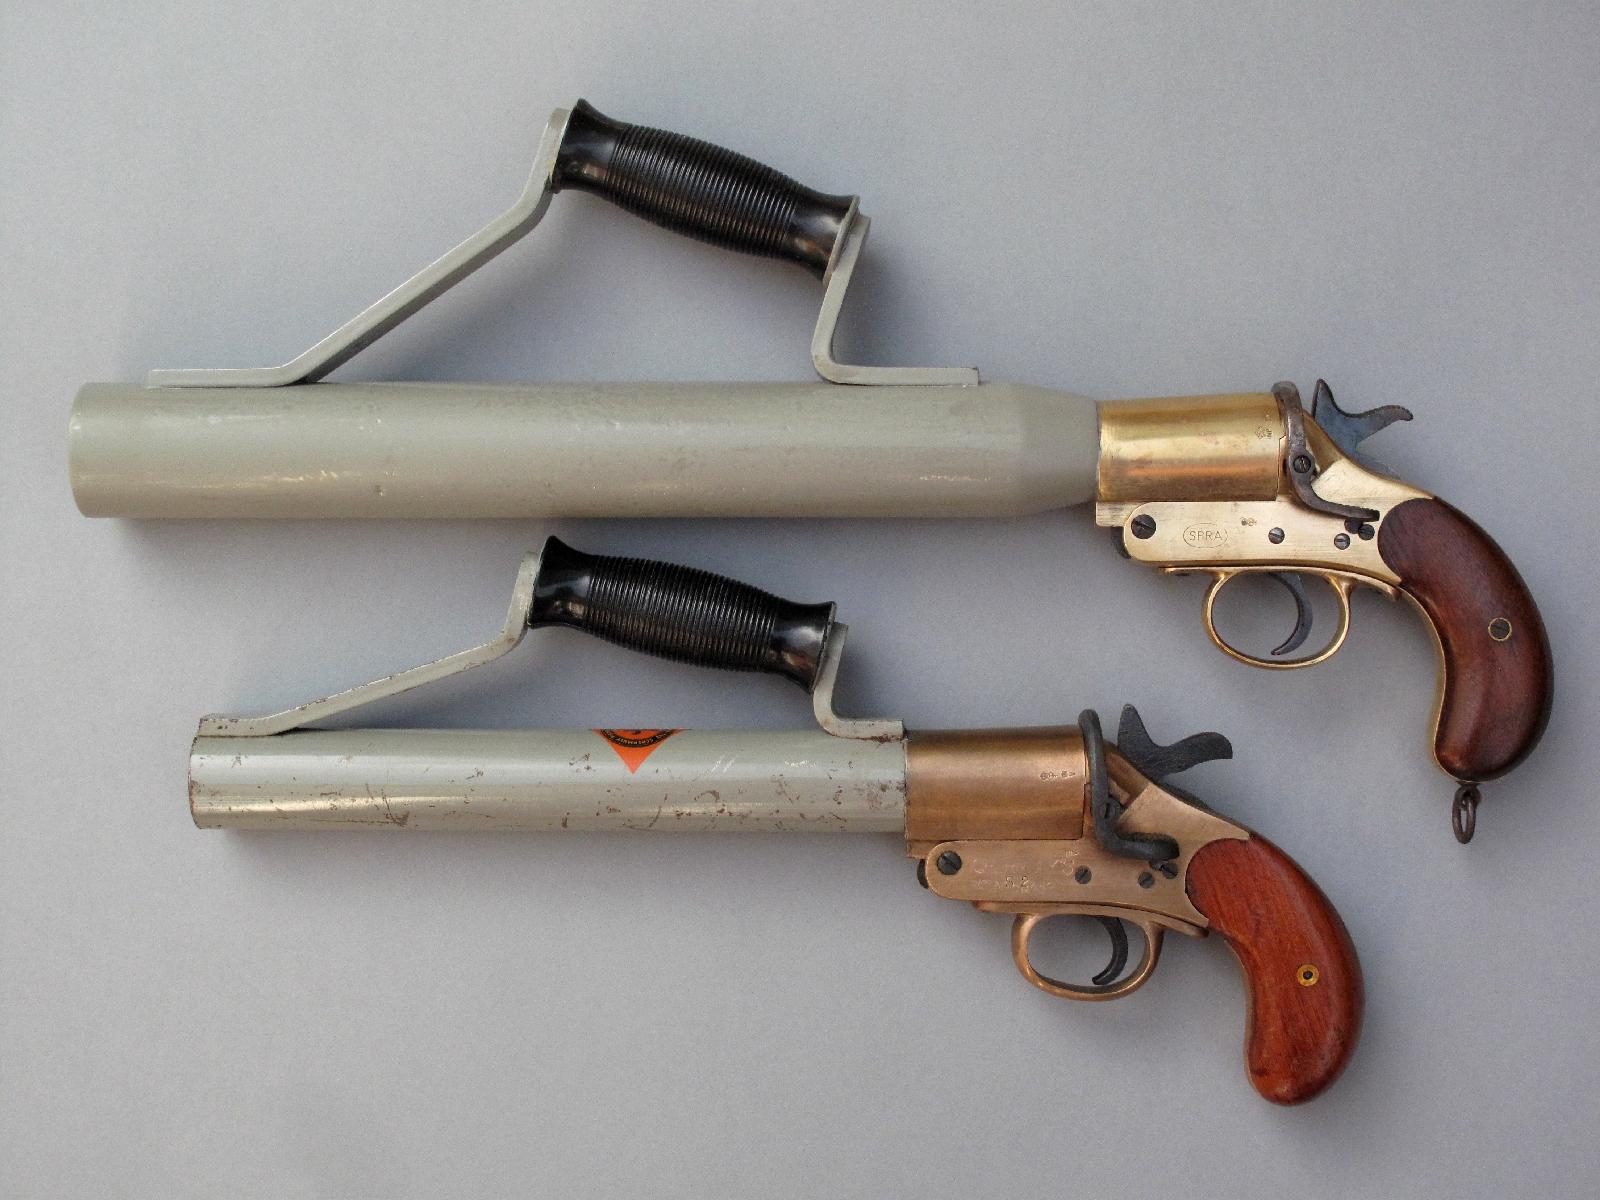 Il existe une très grande variété de pistolets lance-amarres Schermuly, qui diffèrent notamment par la taille du tube qui peut être de 32, 42 ou 52 mm de diamètre intérieur.